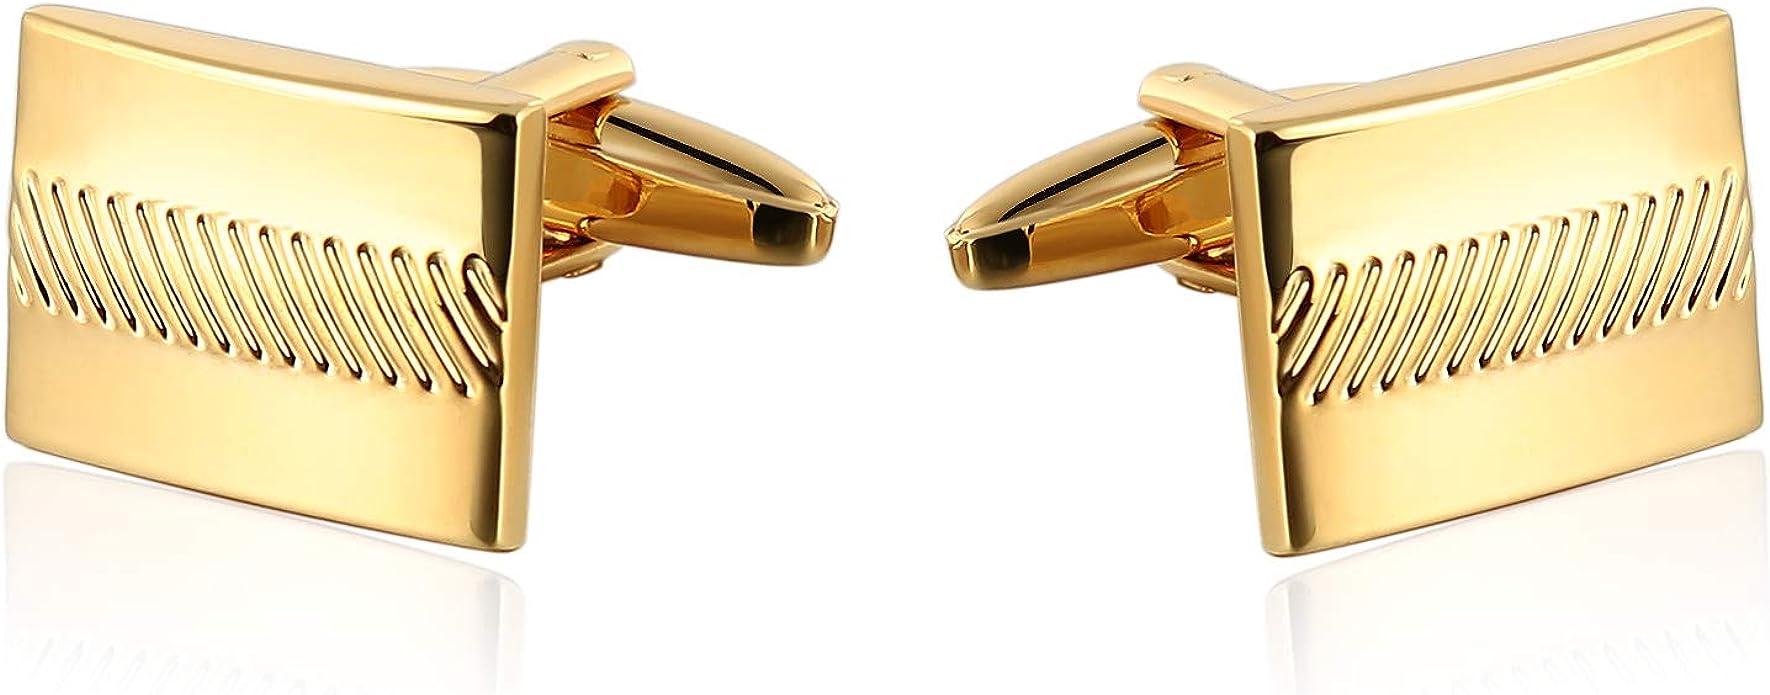 AnazoZ Gemelos Camisa Hombre Originales Gemelos Hombre Acero Gemelos Camisa Patrón Raya Rectangular Gemelos Camisa Oro: Amazon.es: Joyería